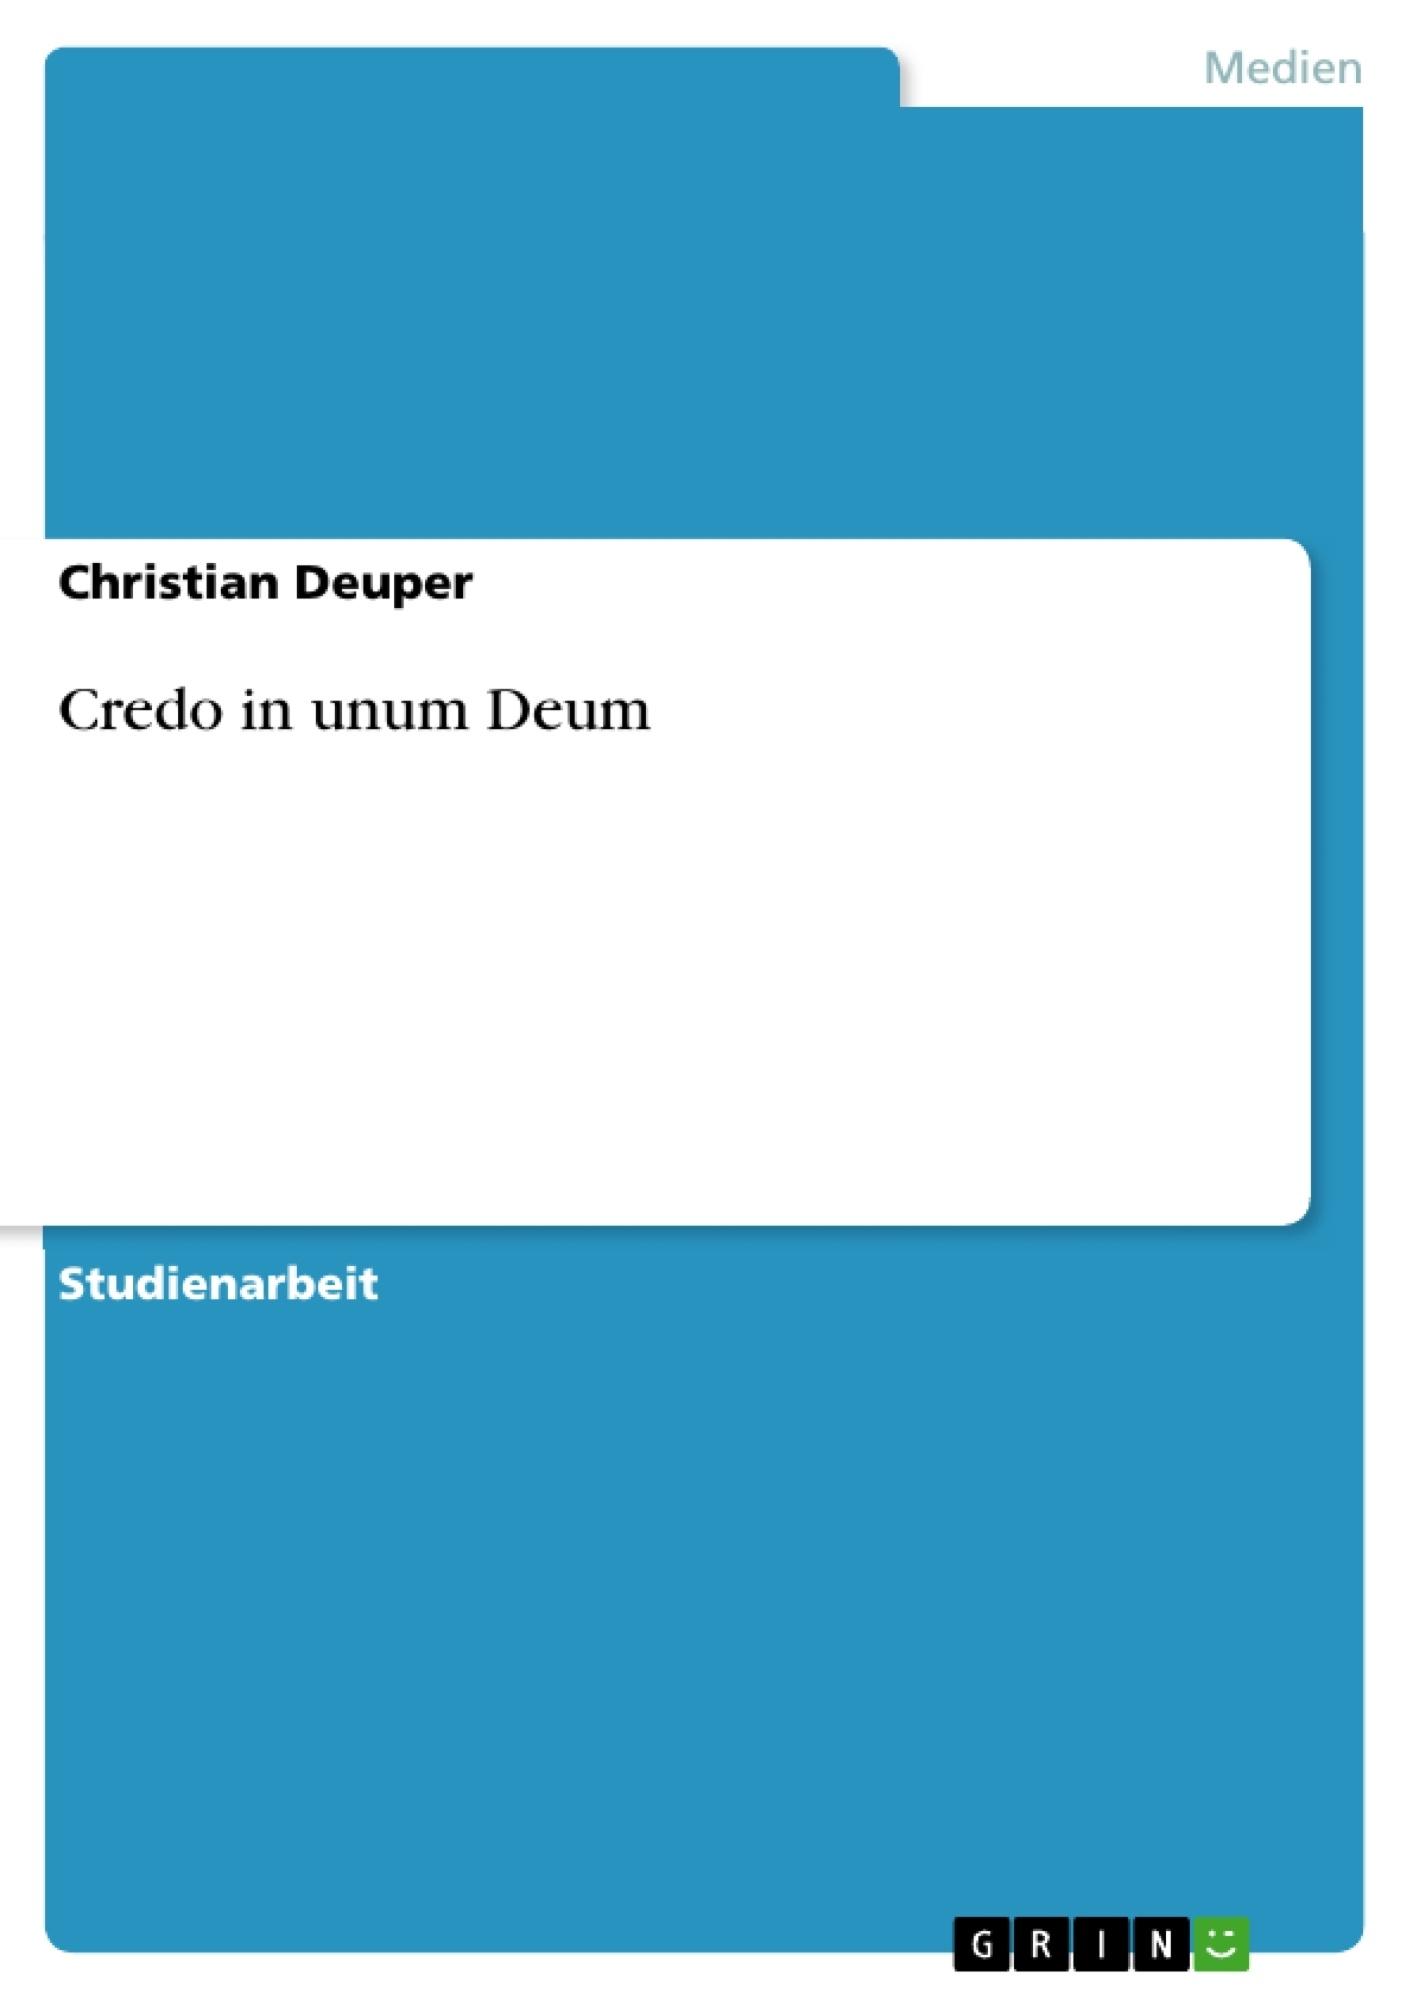 Titel: Credo in unum Deum